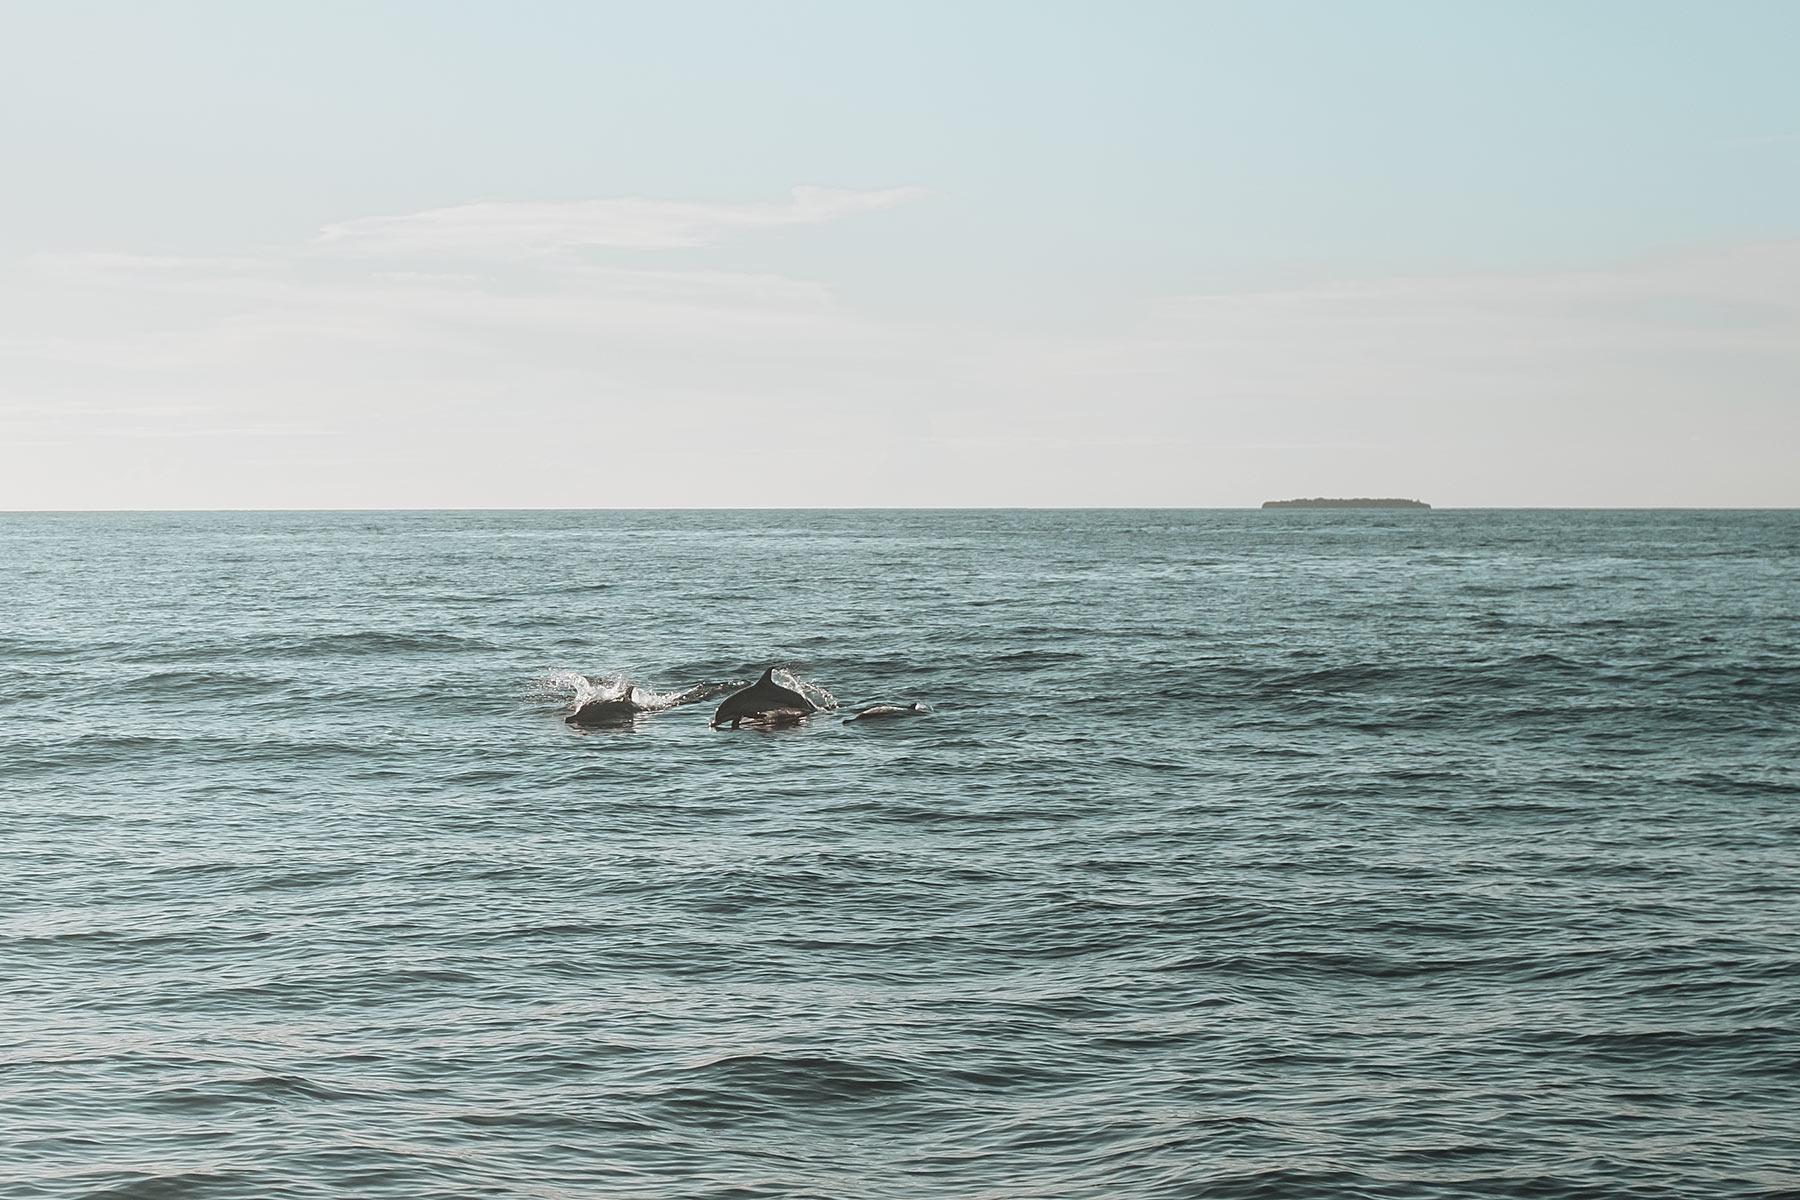 faarufushi maldives delfine travel blog sunnyinga